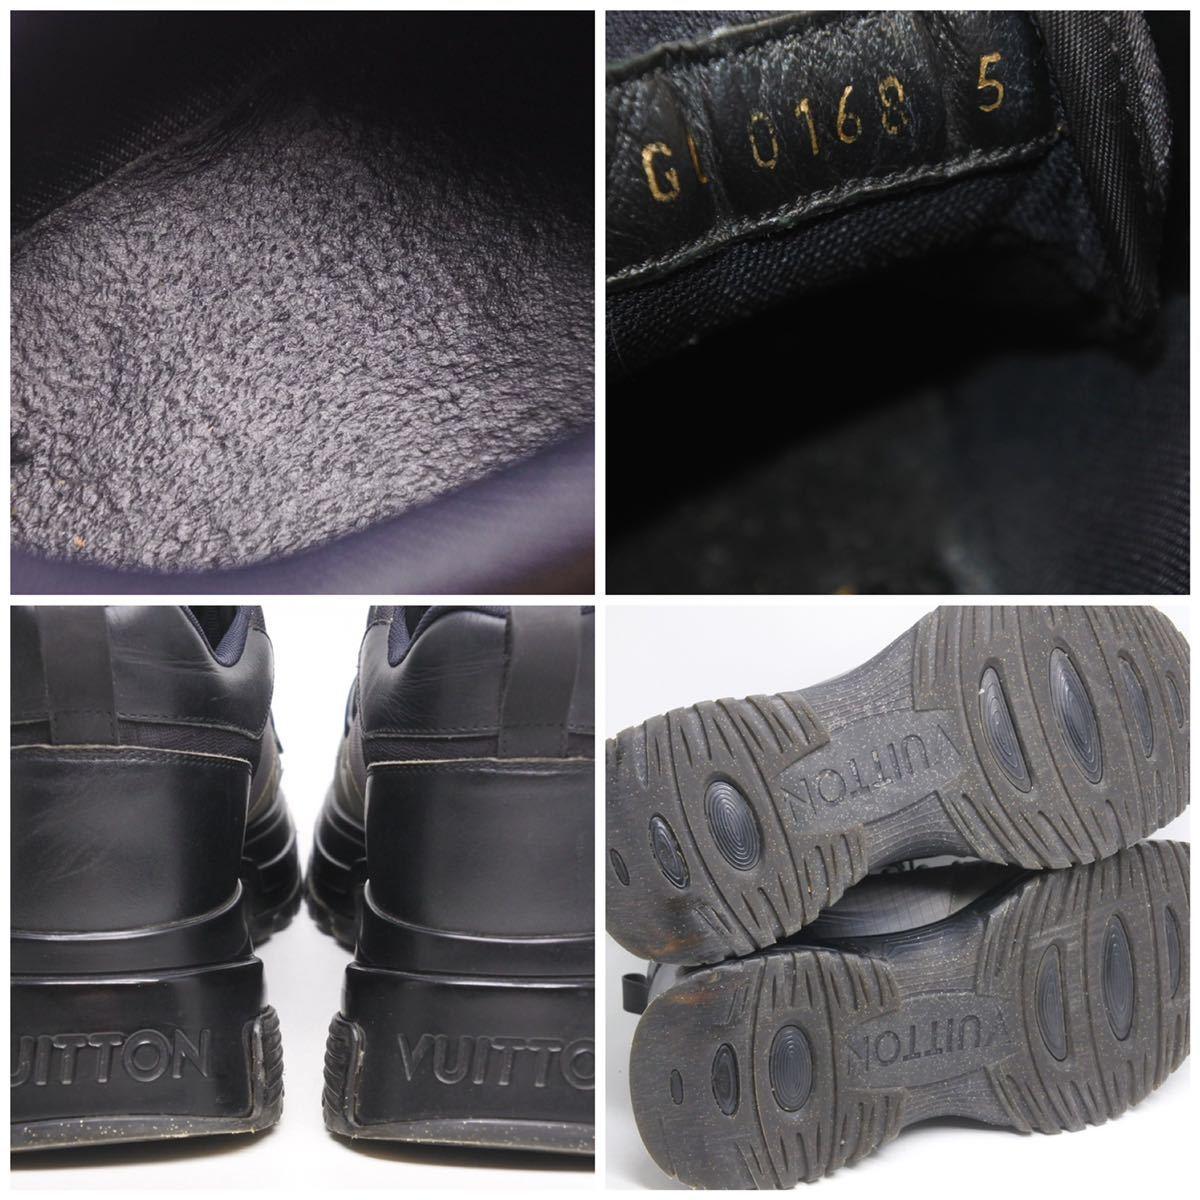 LOUIS VUITTON ルイヴィトン スニーカー シューズ 靴 ランアウェイパルスライン サイズ5 モノグラム ブラック 中古 32138 正規品_画像10